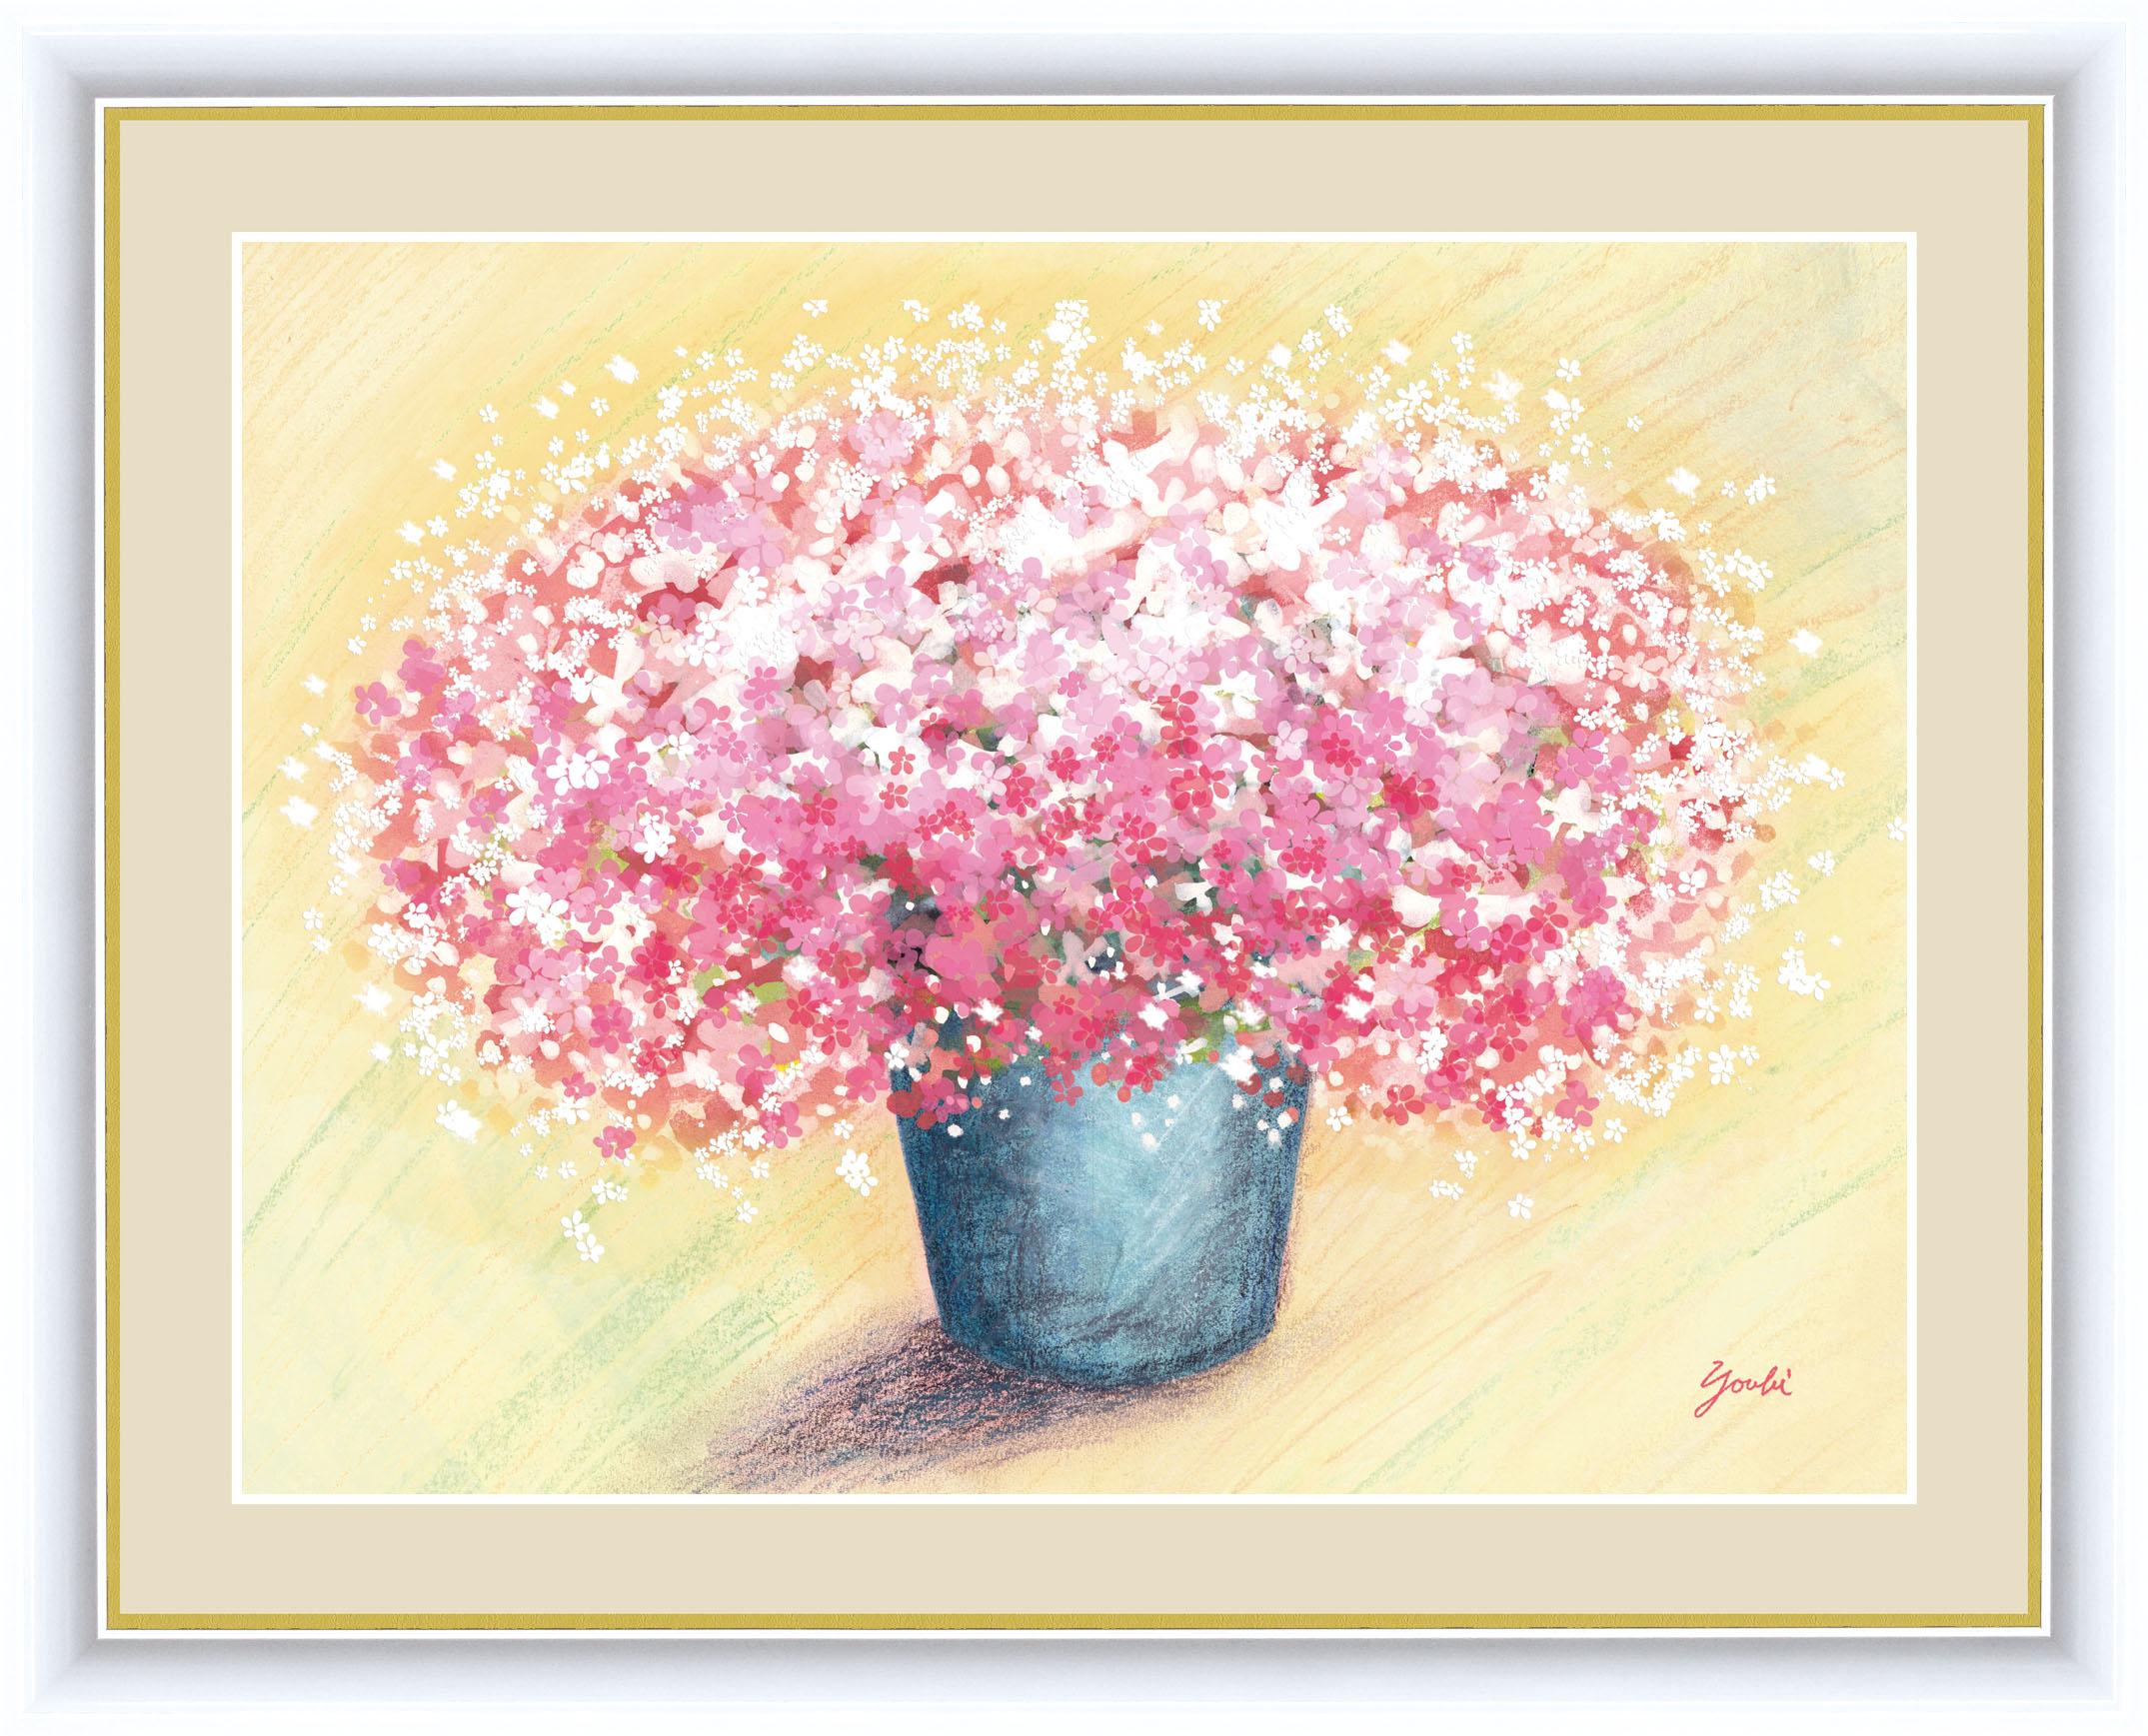 永遠に枯れることのない花の絵。鮮やかな色調がお部屋をパッと明るく彩ります。画面いっぱいに咲き誇る花たちが、いつまでもあふれんばかりの幸運を招き入れてくれることでしょう。 しあわせのブーケ 額 可愛いピンクのブーケ 42×34cm 洋美/ようび 現代作家インテリアアート アート額絵 G4-AB057 F4サイズ 33229